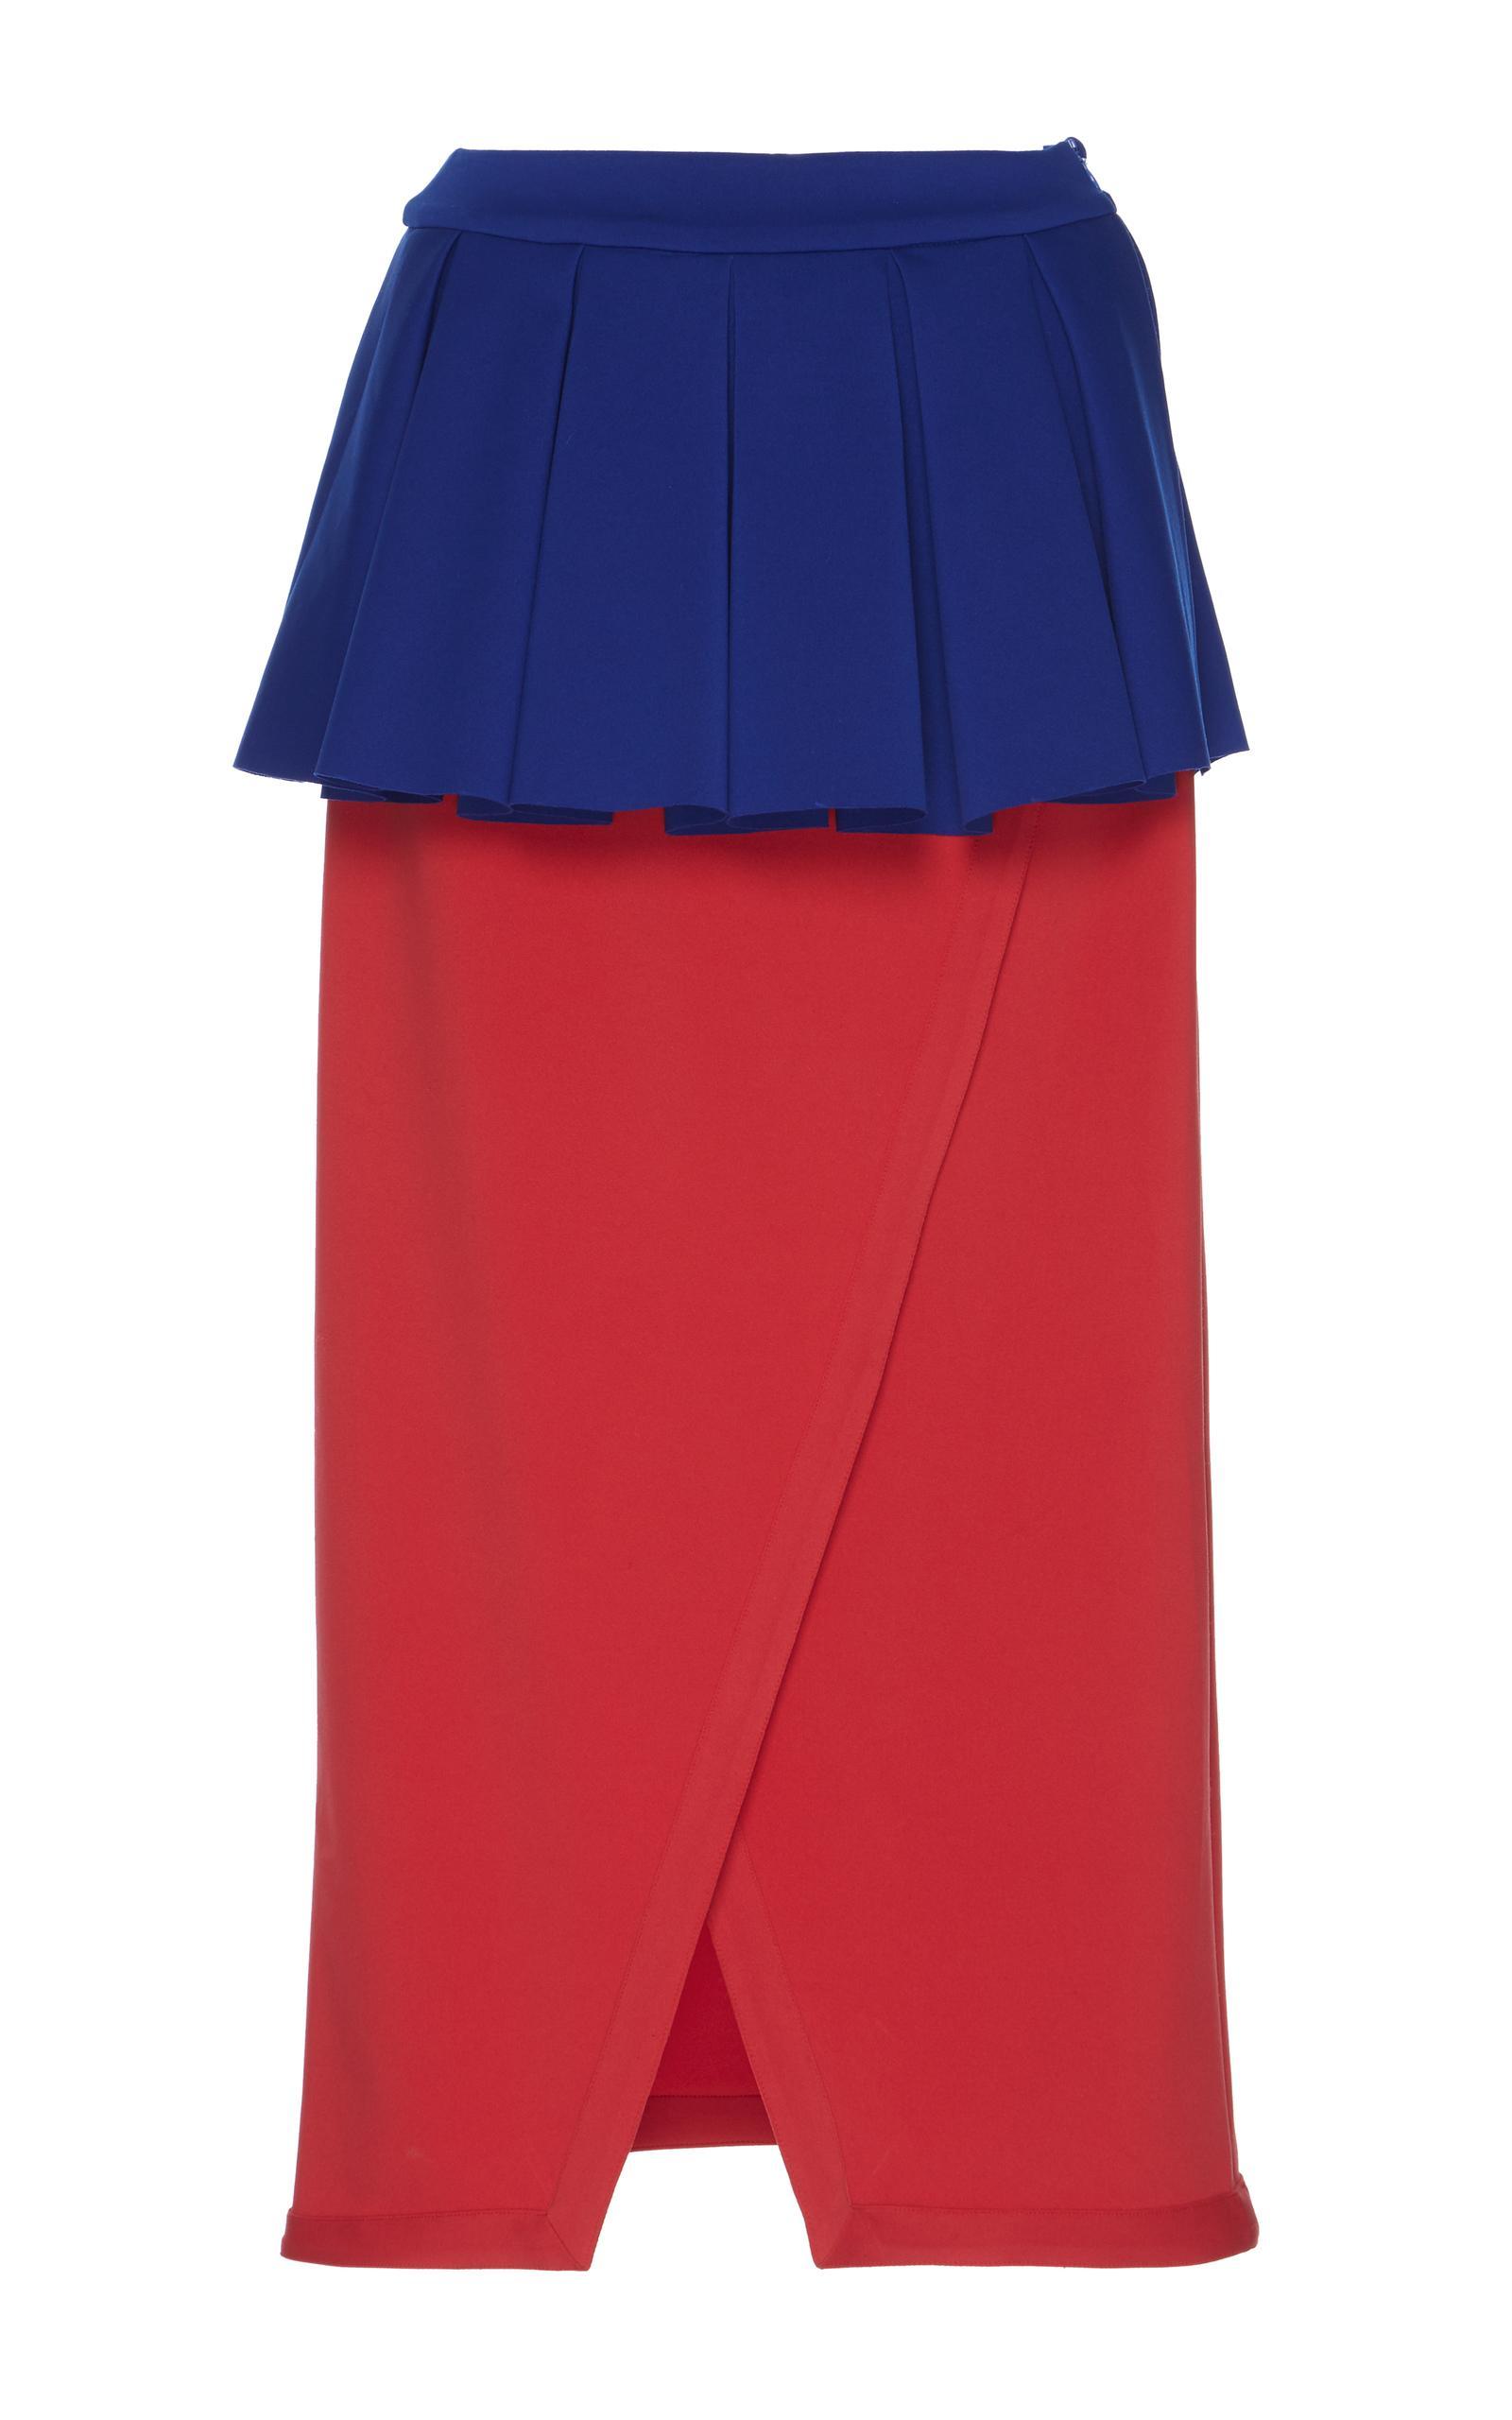 rahul mishra blooming peplum skirt in blue lyst